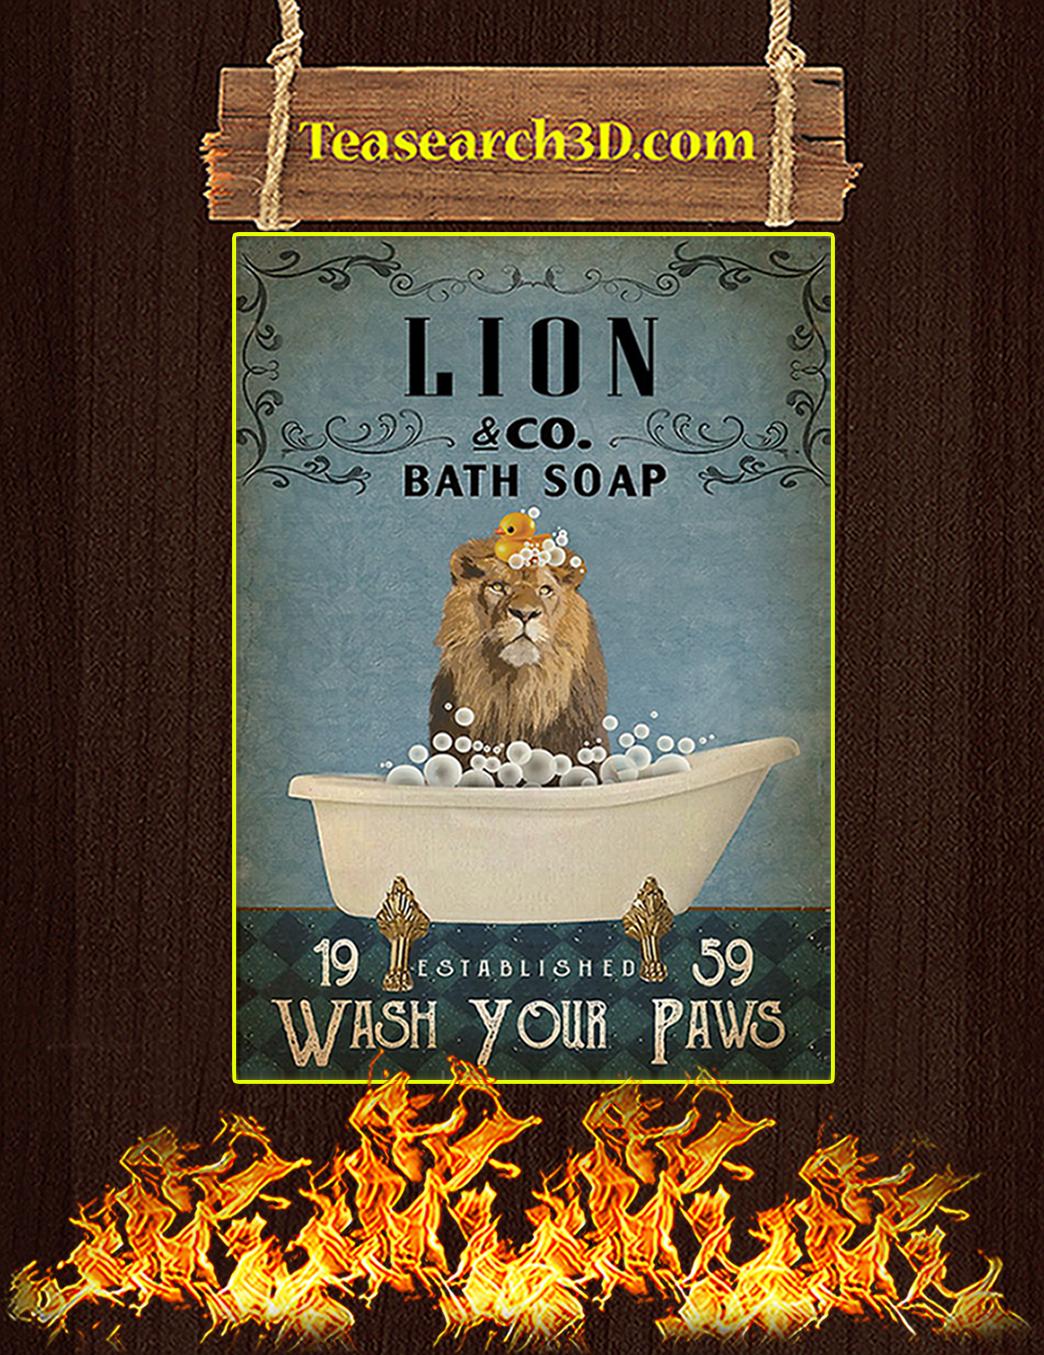 Vintage Bath Soap Lion Poster A1